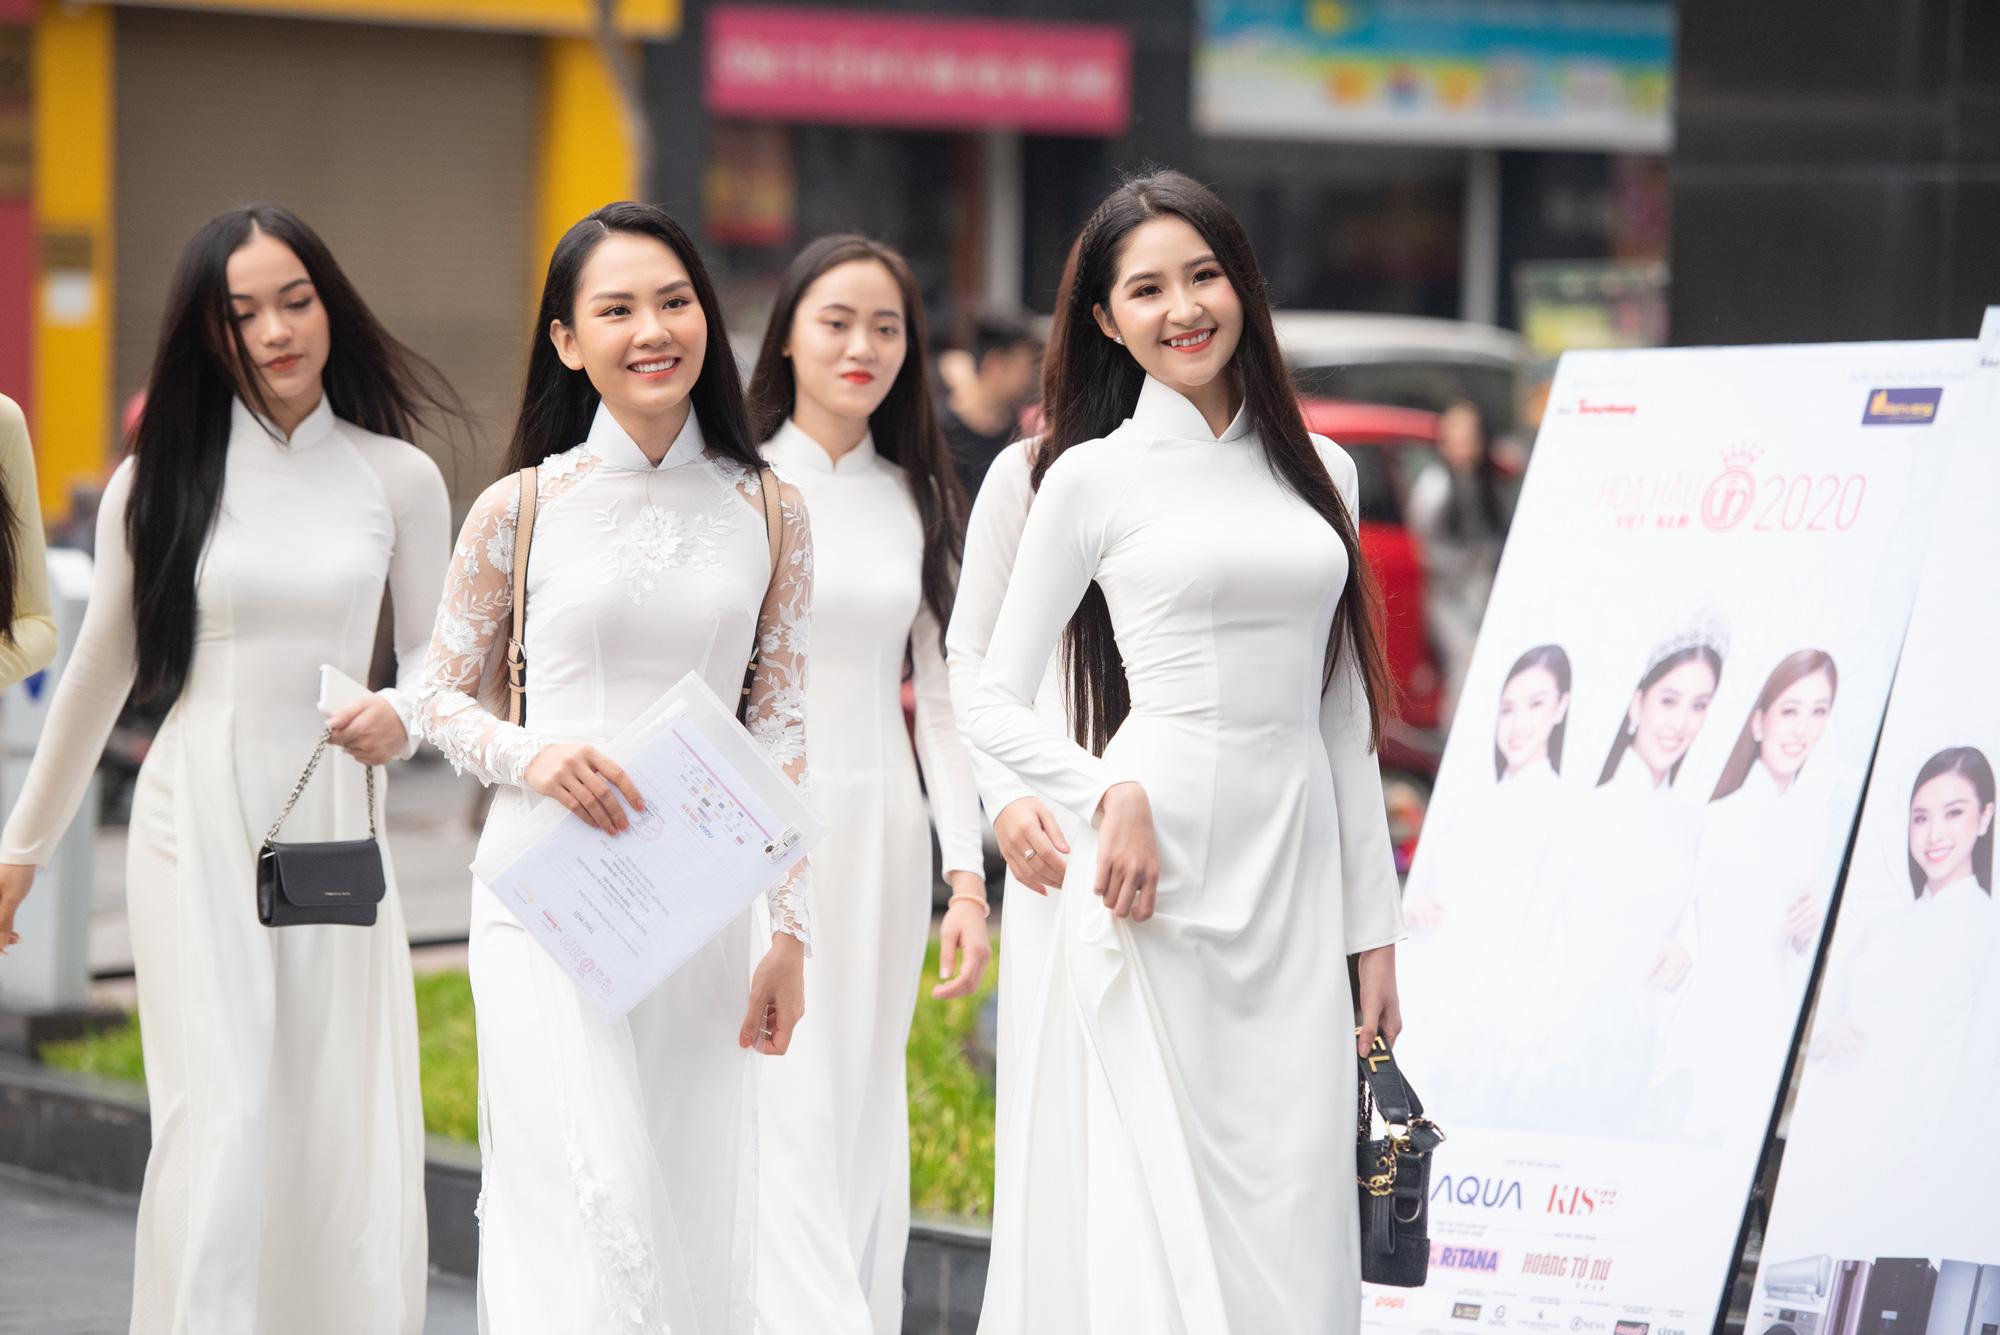 """Thí sinh U60 gây """"sốt"""" xuất hiện tại Sơ khảo Hoa hậu Việt Nam 2020, khác xa ảnh hiếm hoi quyến rũ? - Ảnh 7."""